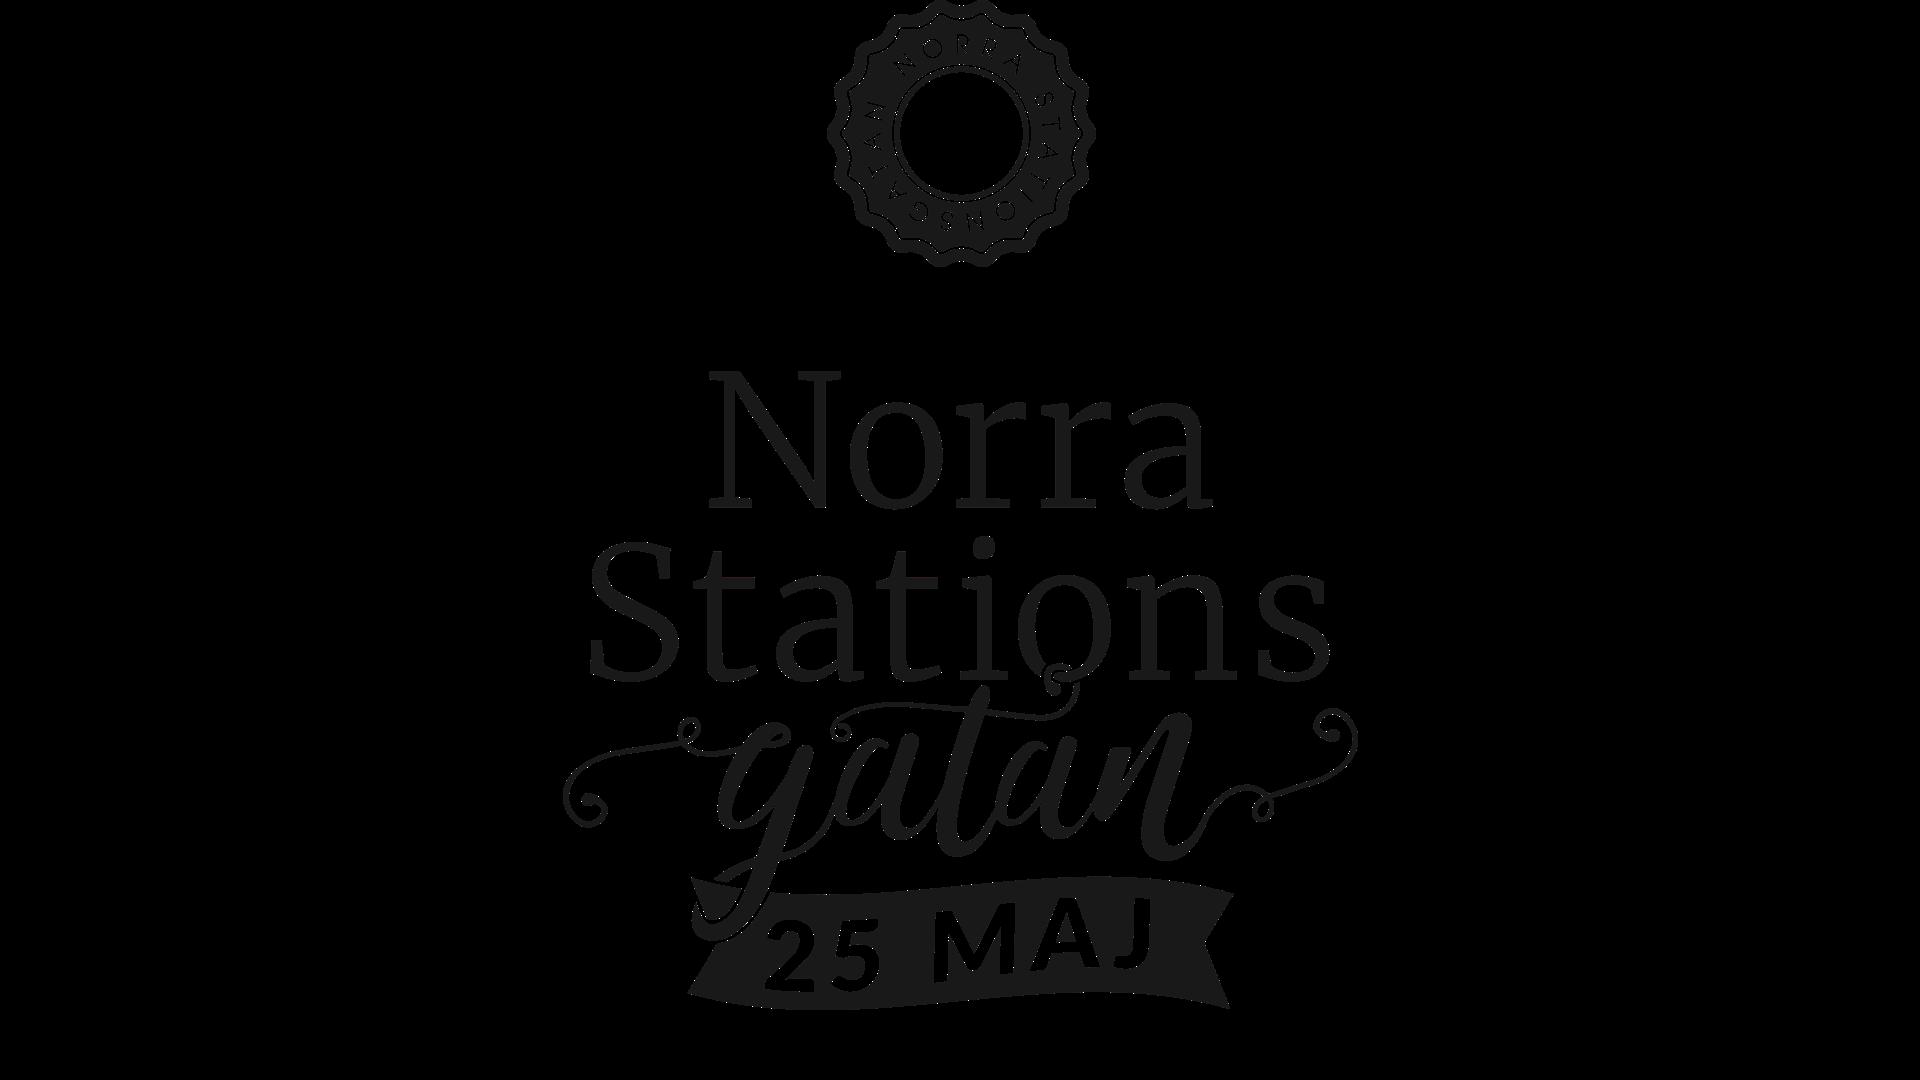 NSG 25 Maj Logo Svart.png